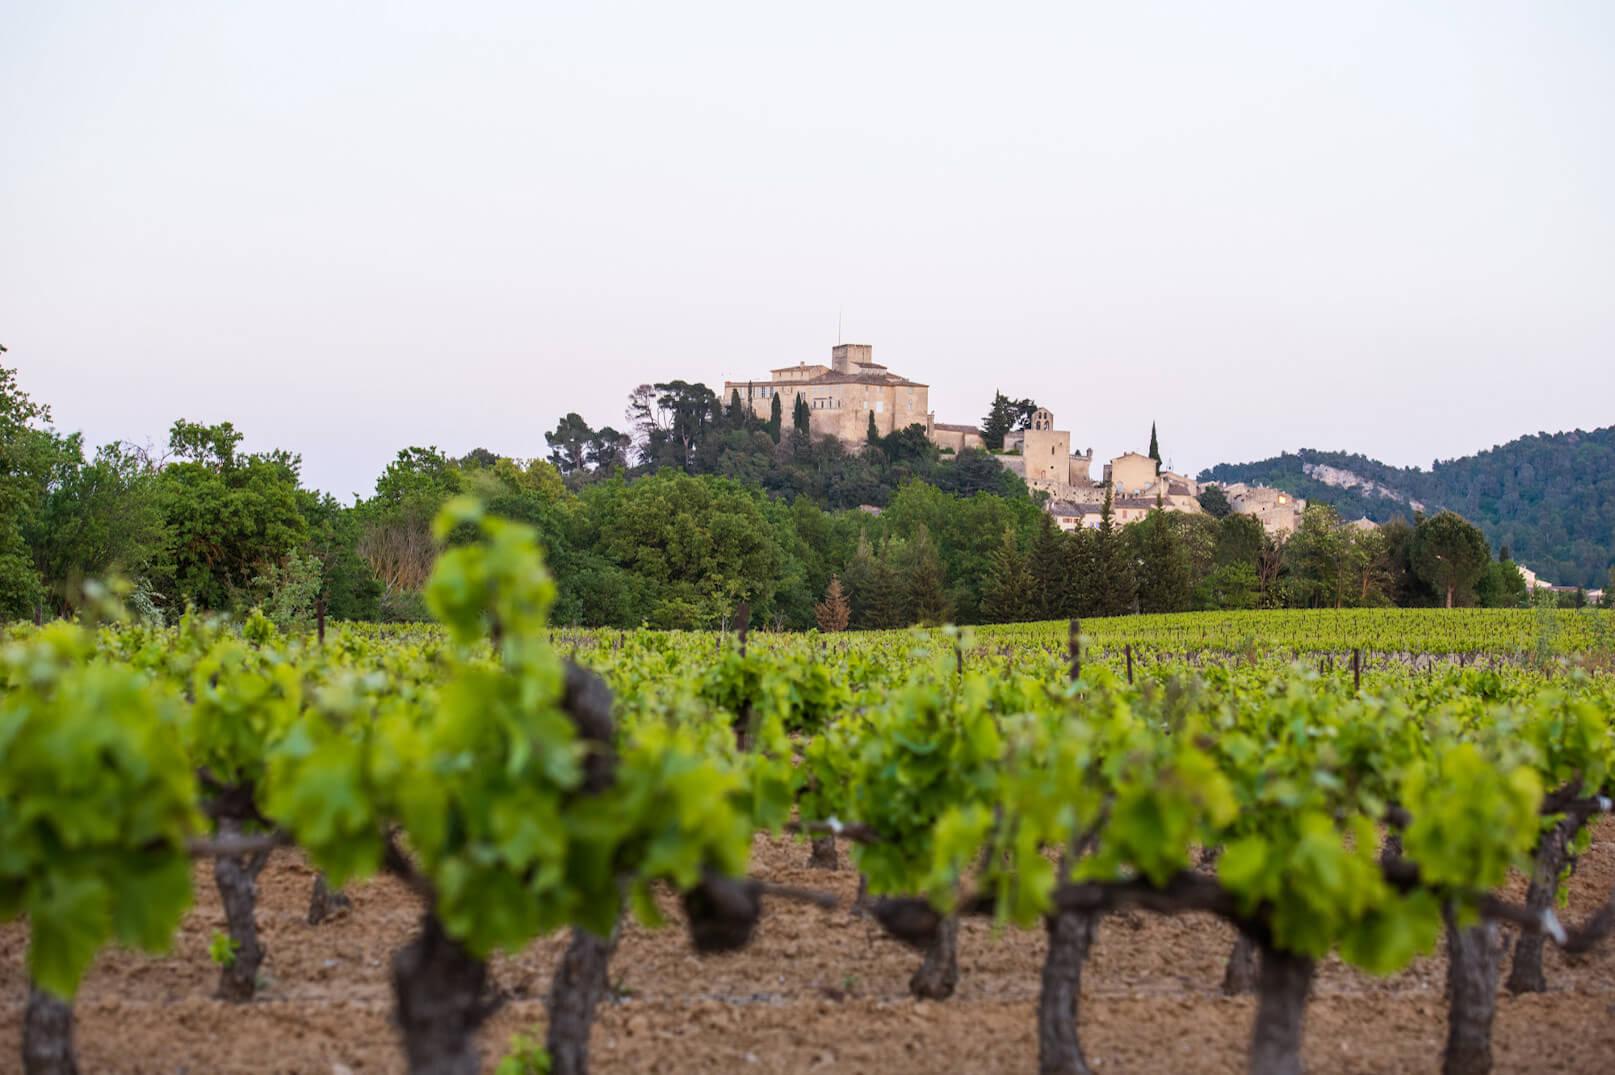 Die Weingärten des Luberon